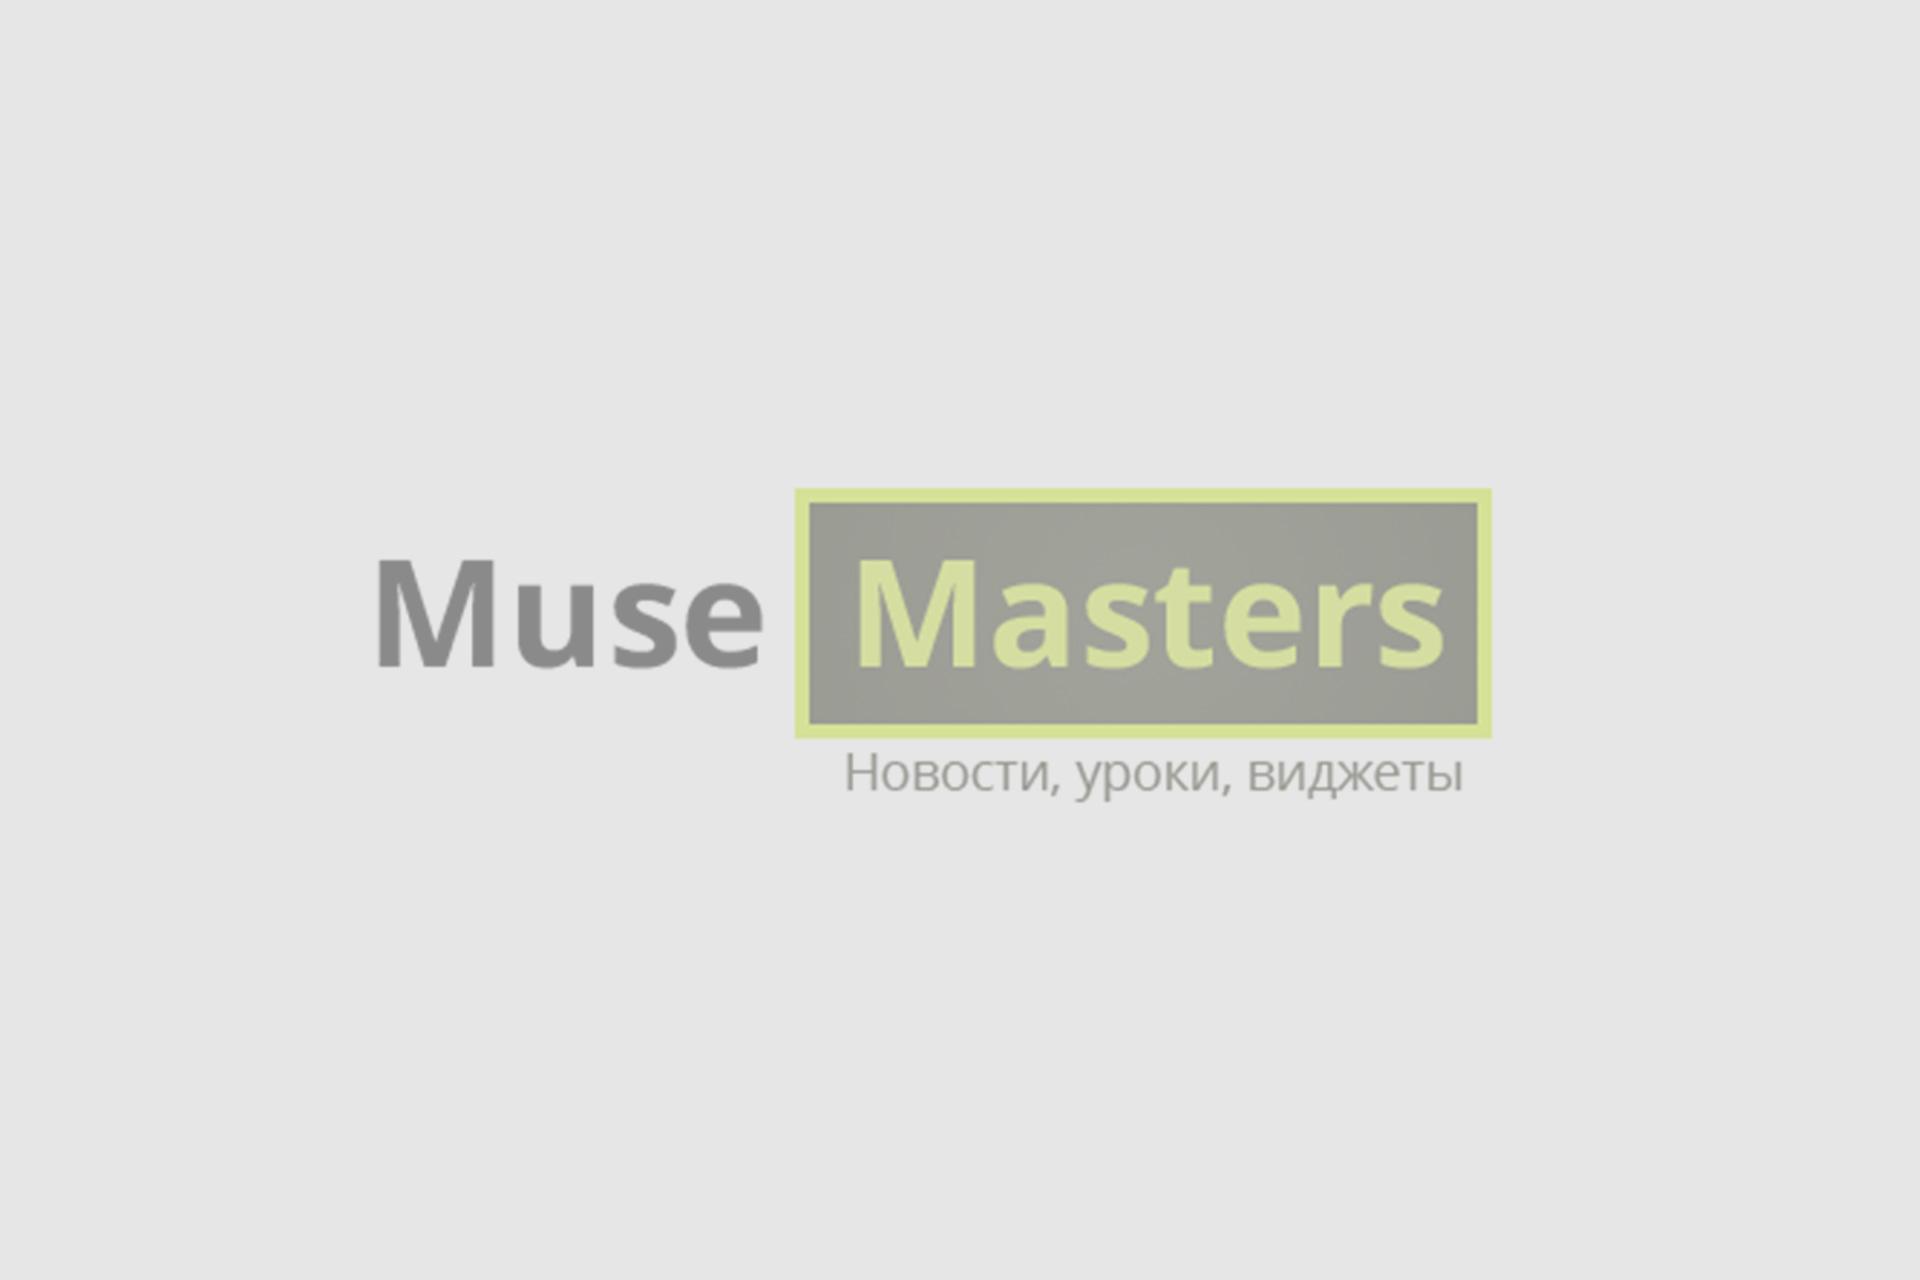 Ускорение отображения сайта Adobe Muse